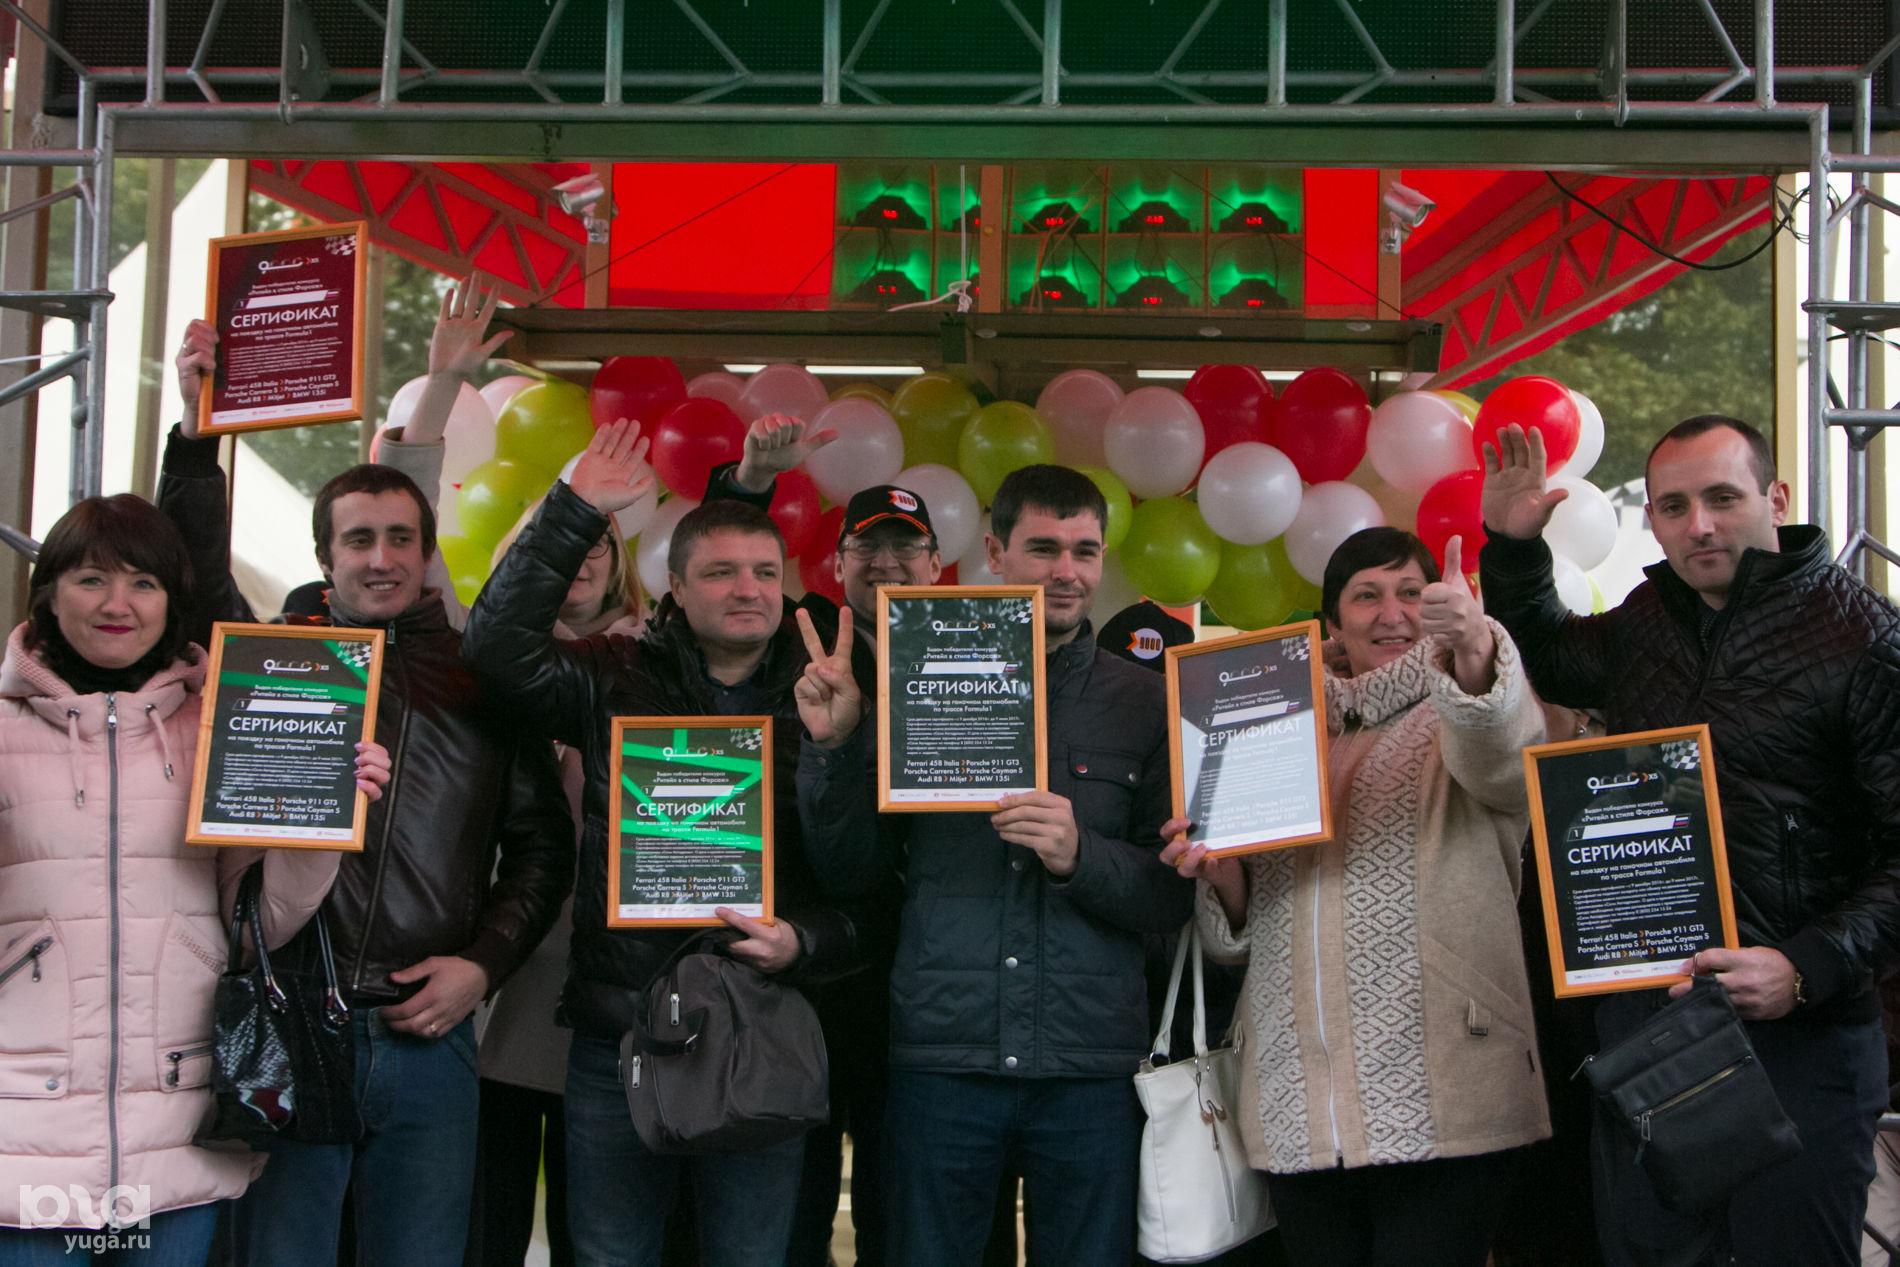 Открытие девятитысячного по счету магазина «Пятёрочка» в Сочи ©yuga.ru